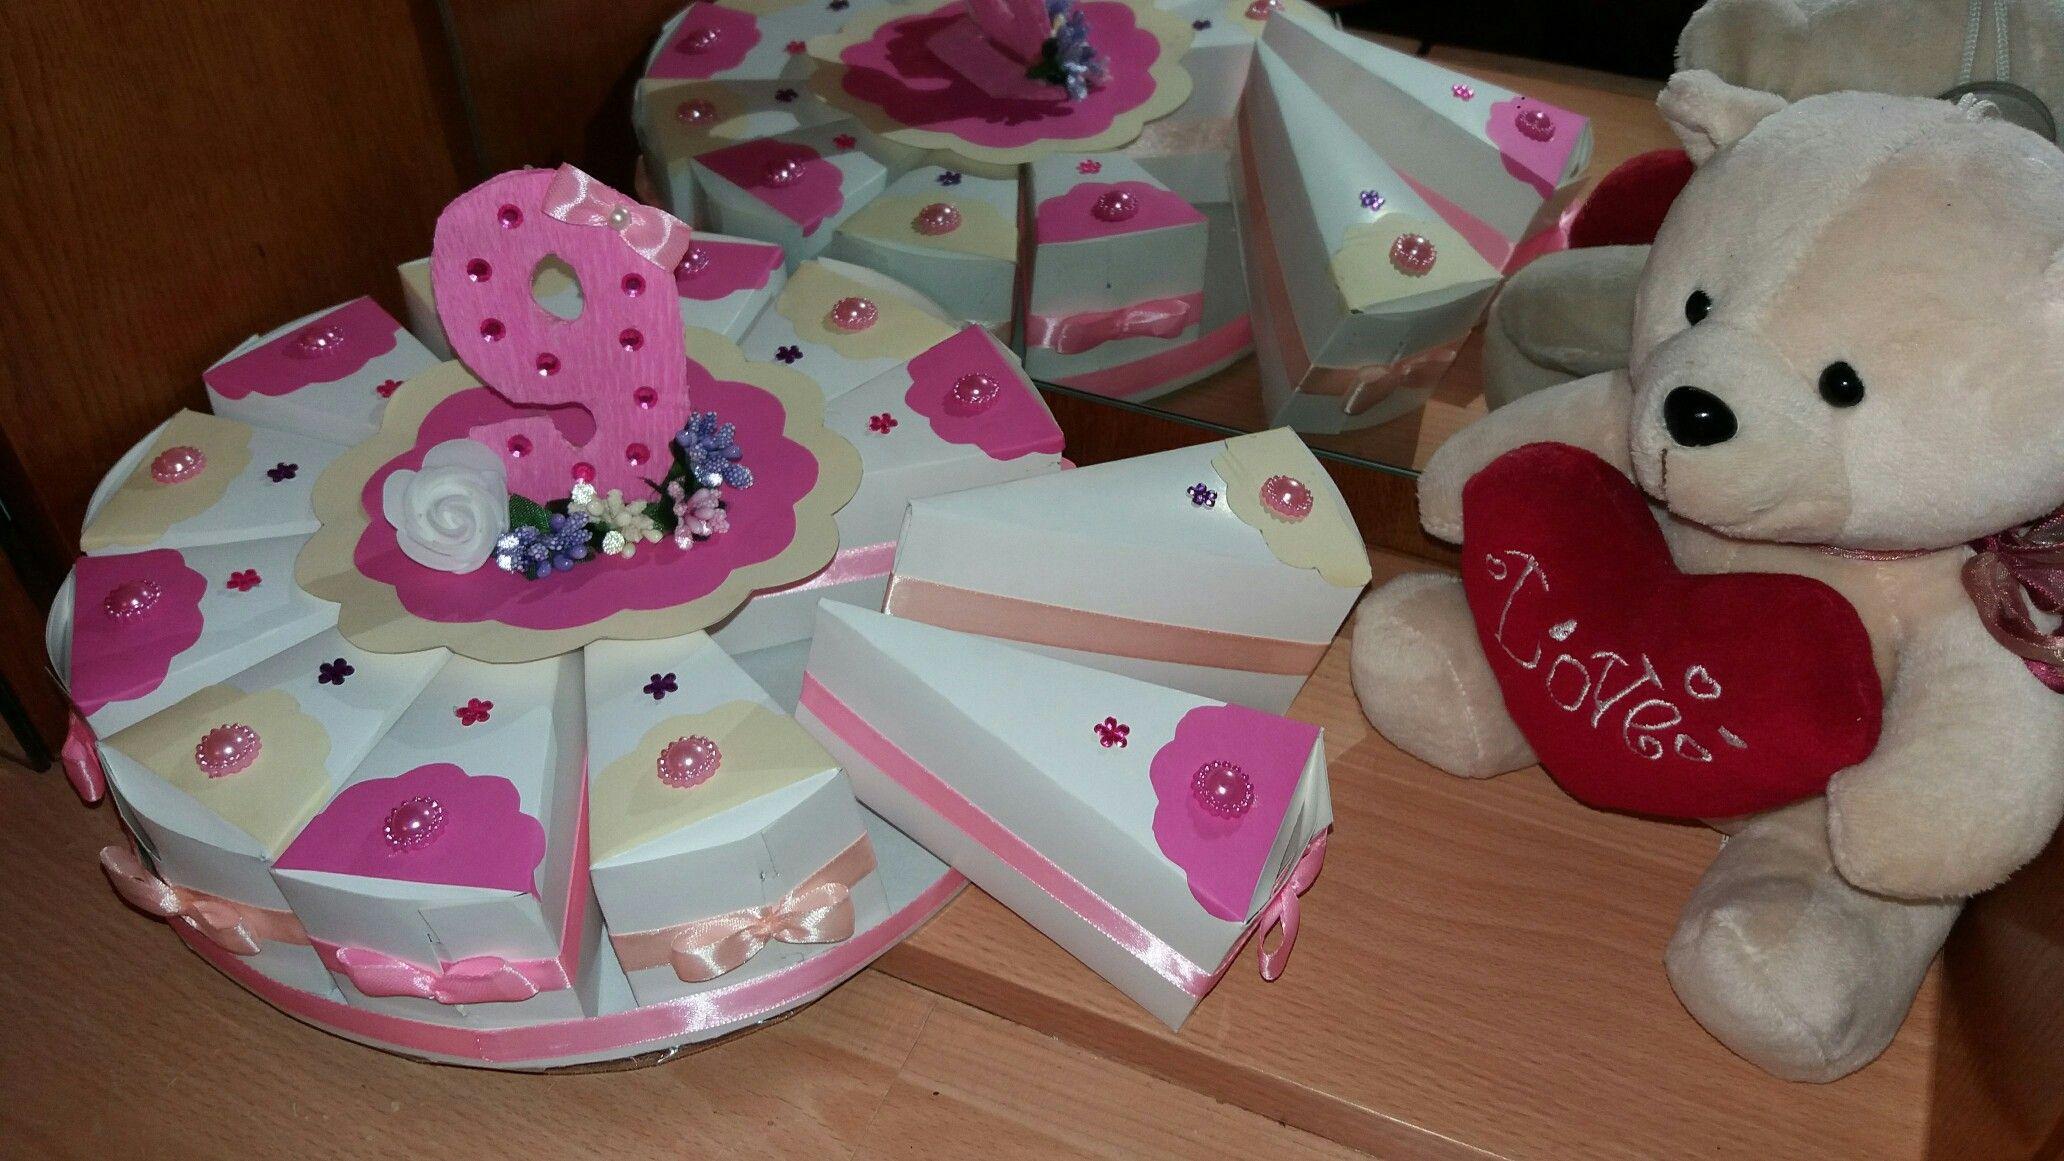 65c6660d4d7 Торт из картона девочке на 9 лет. Розово-бежевый картонный торт. Торт с